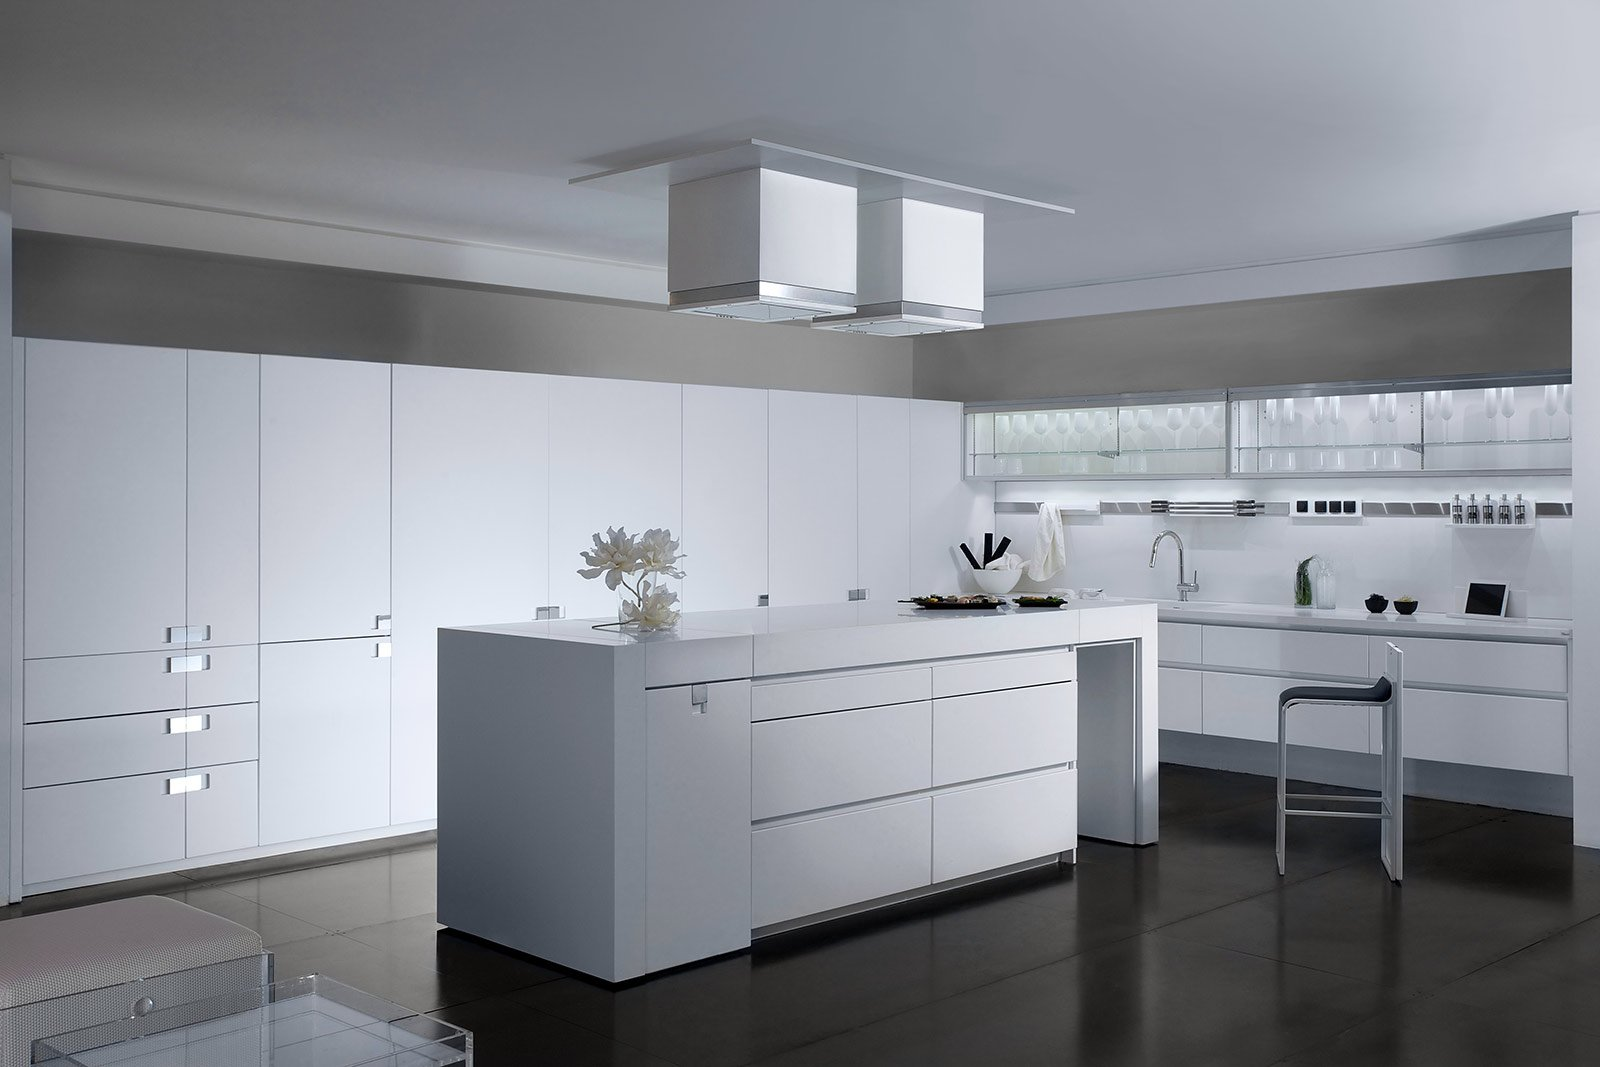 Cucine bianche moderne cose di casa - Cucine classiche bianche ...